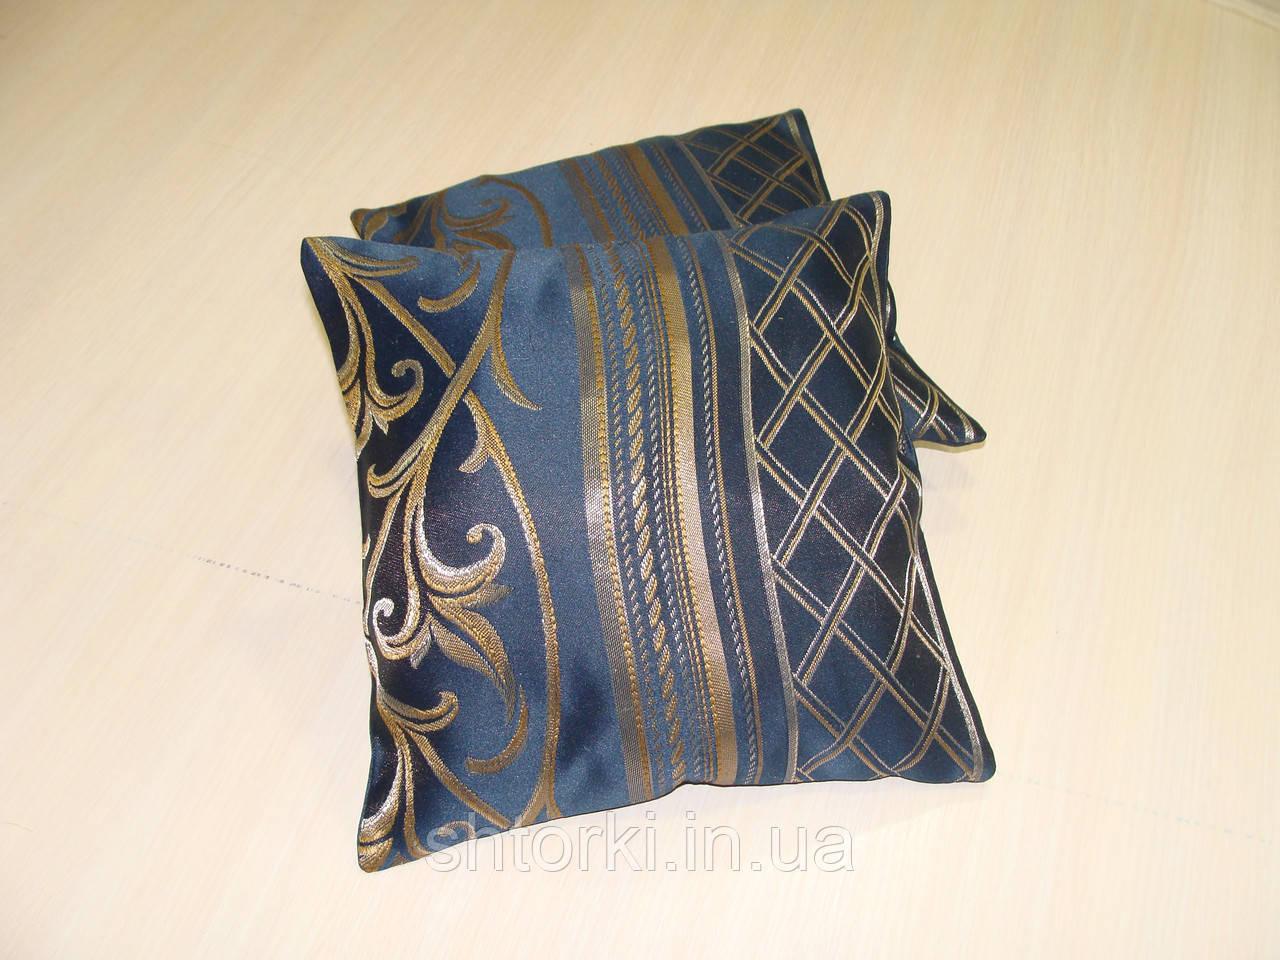 Комплект подушек  Комби синие , 2 шт 25х25